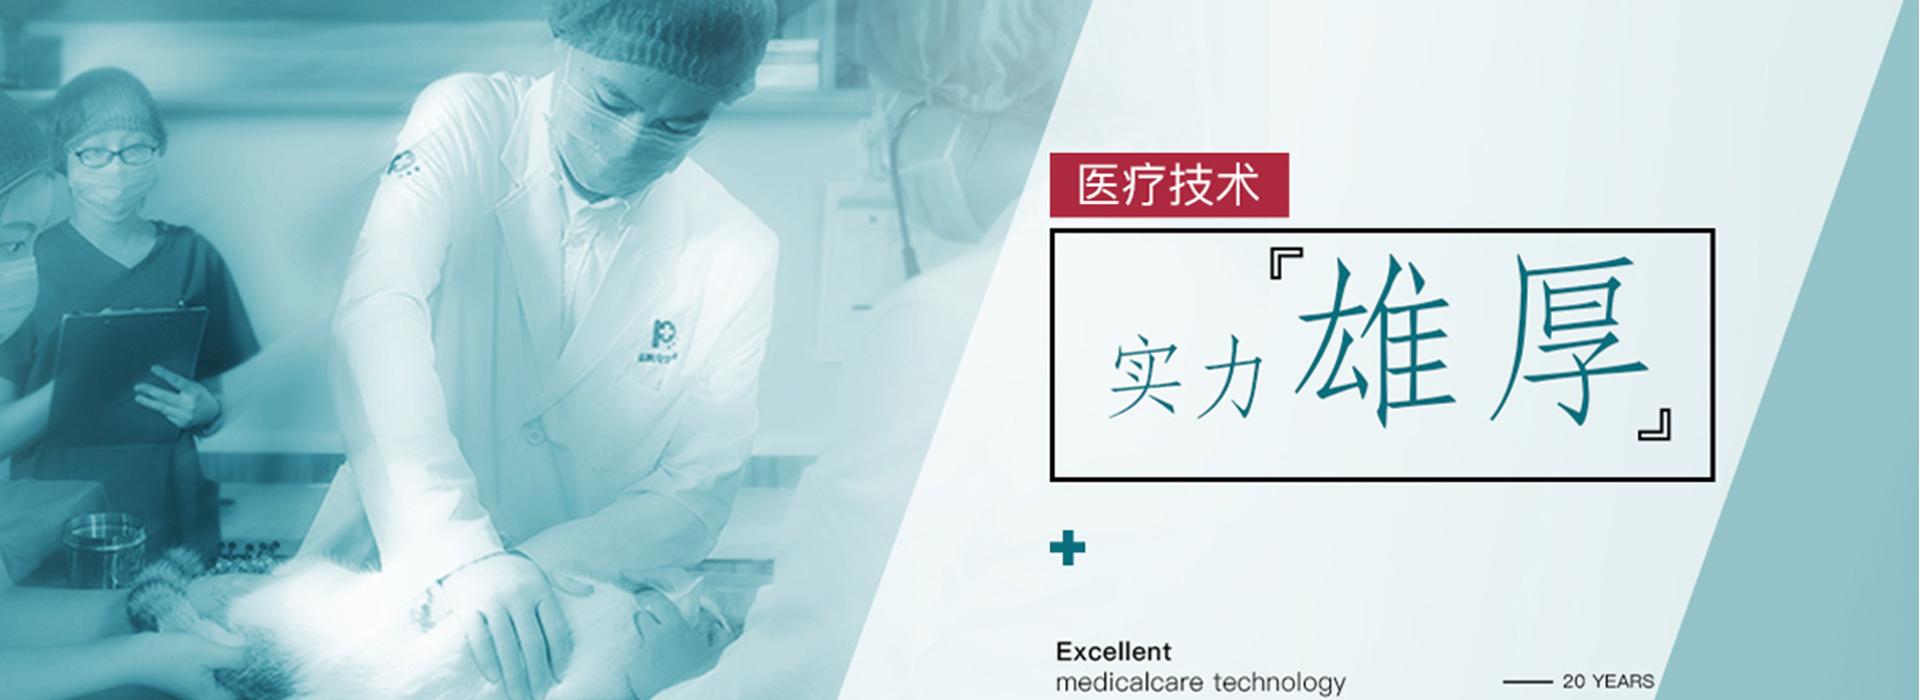 杭州宠物医院